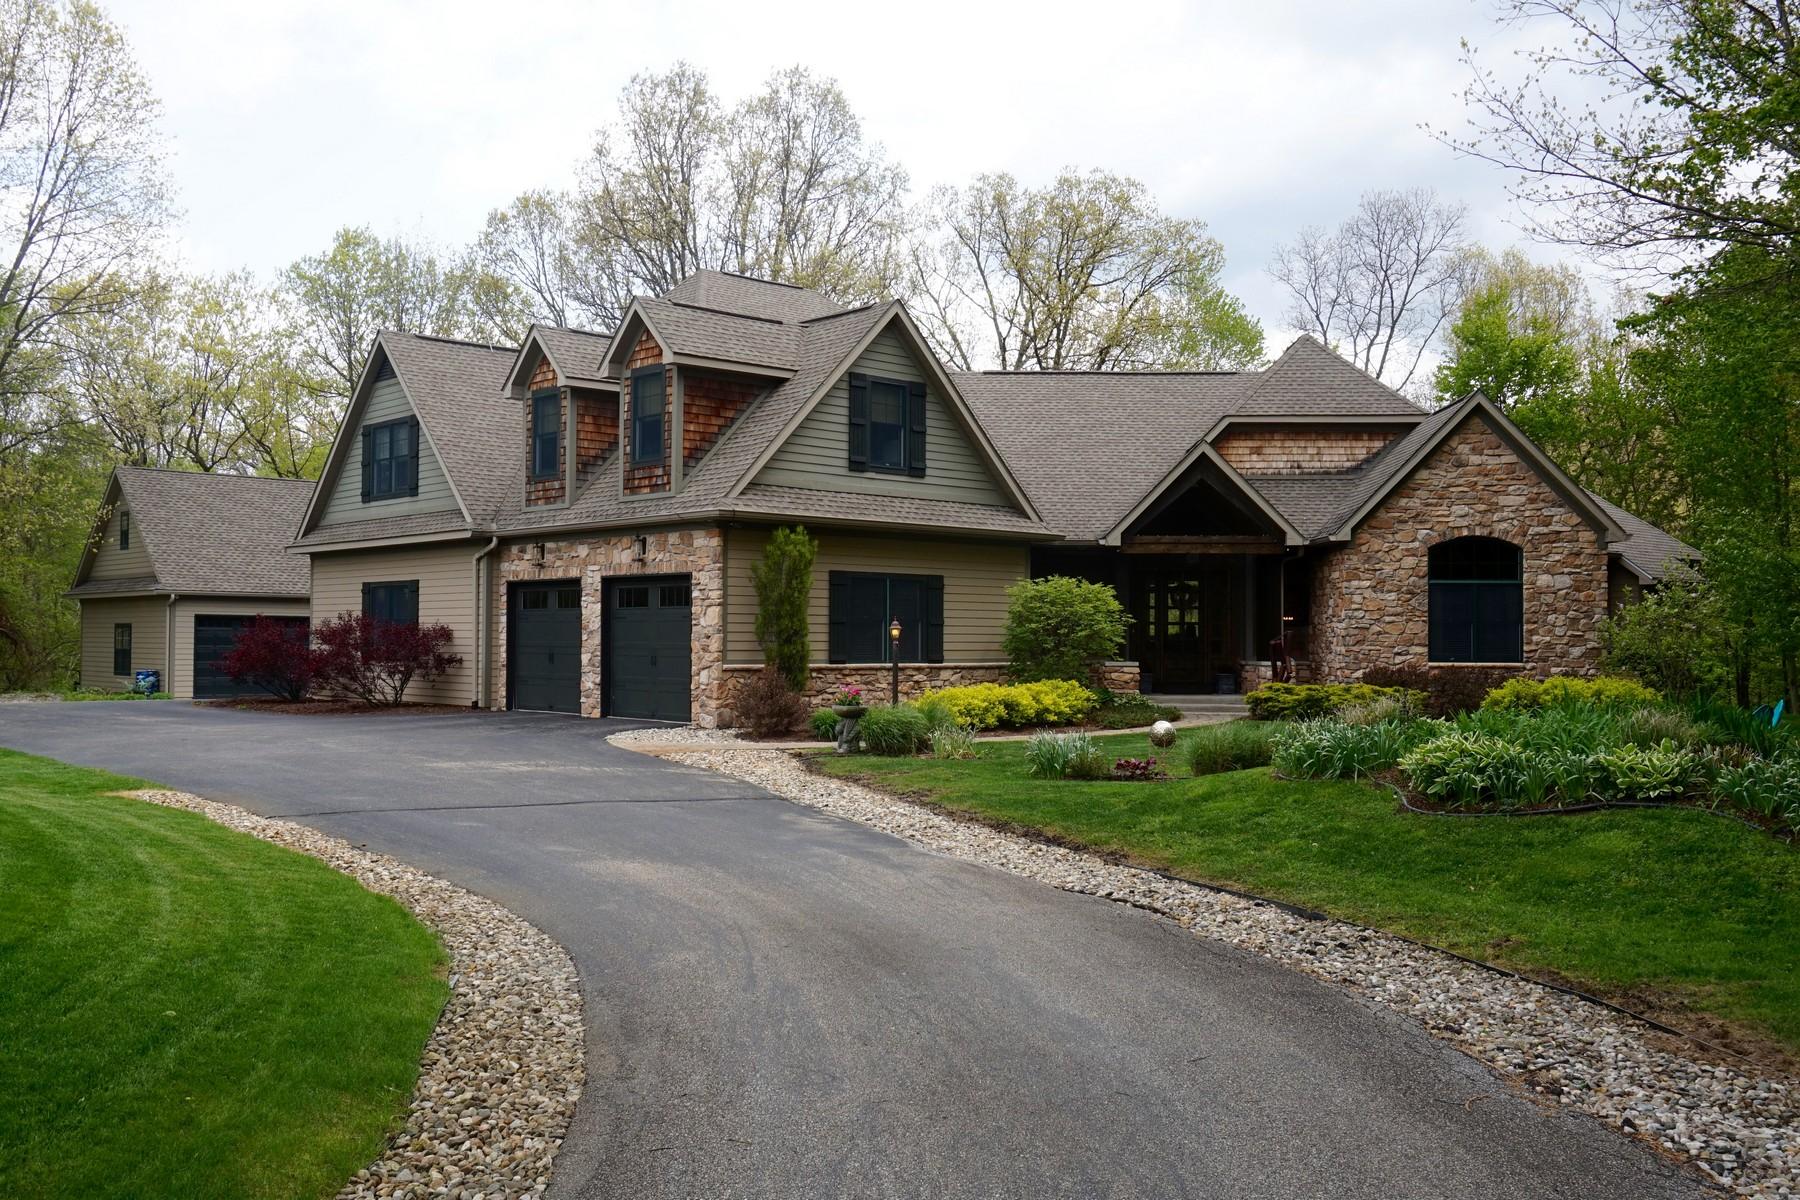 独户住宅 为 销售 在 Striking Traditional Home 1915 High Meadow 奈尔斯, 密歇根州, 49120 美国